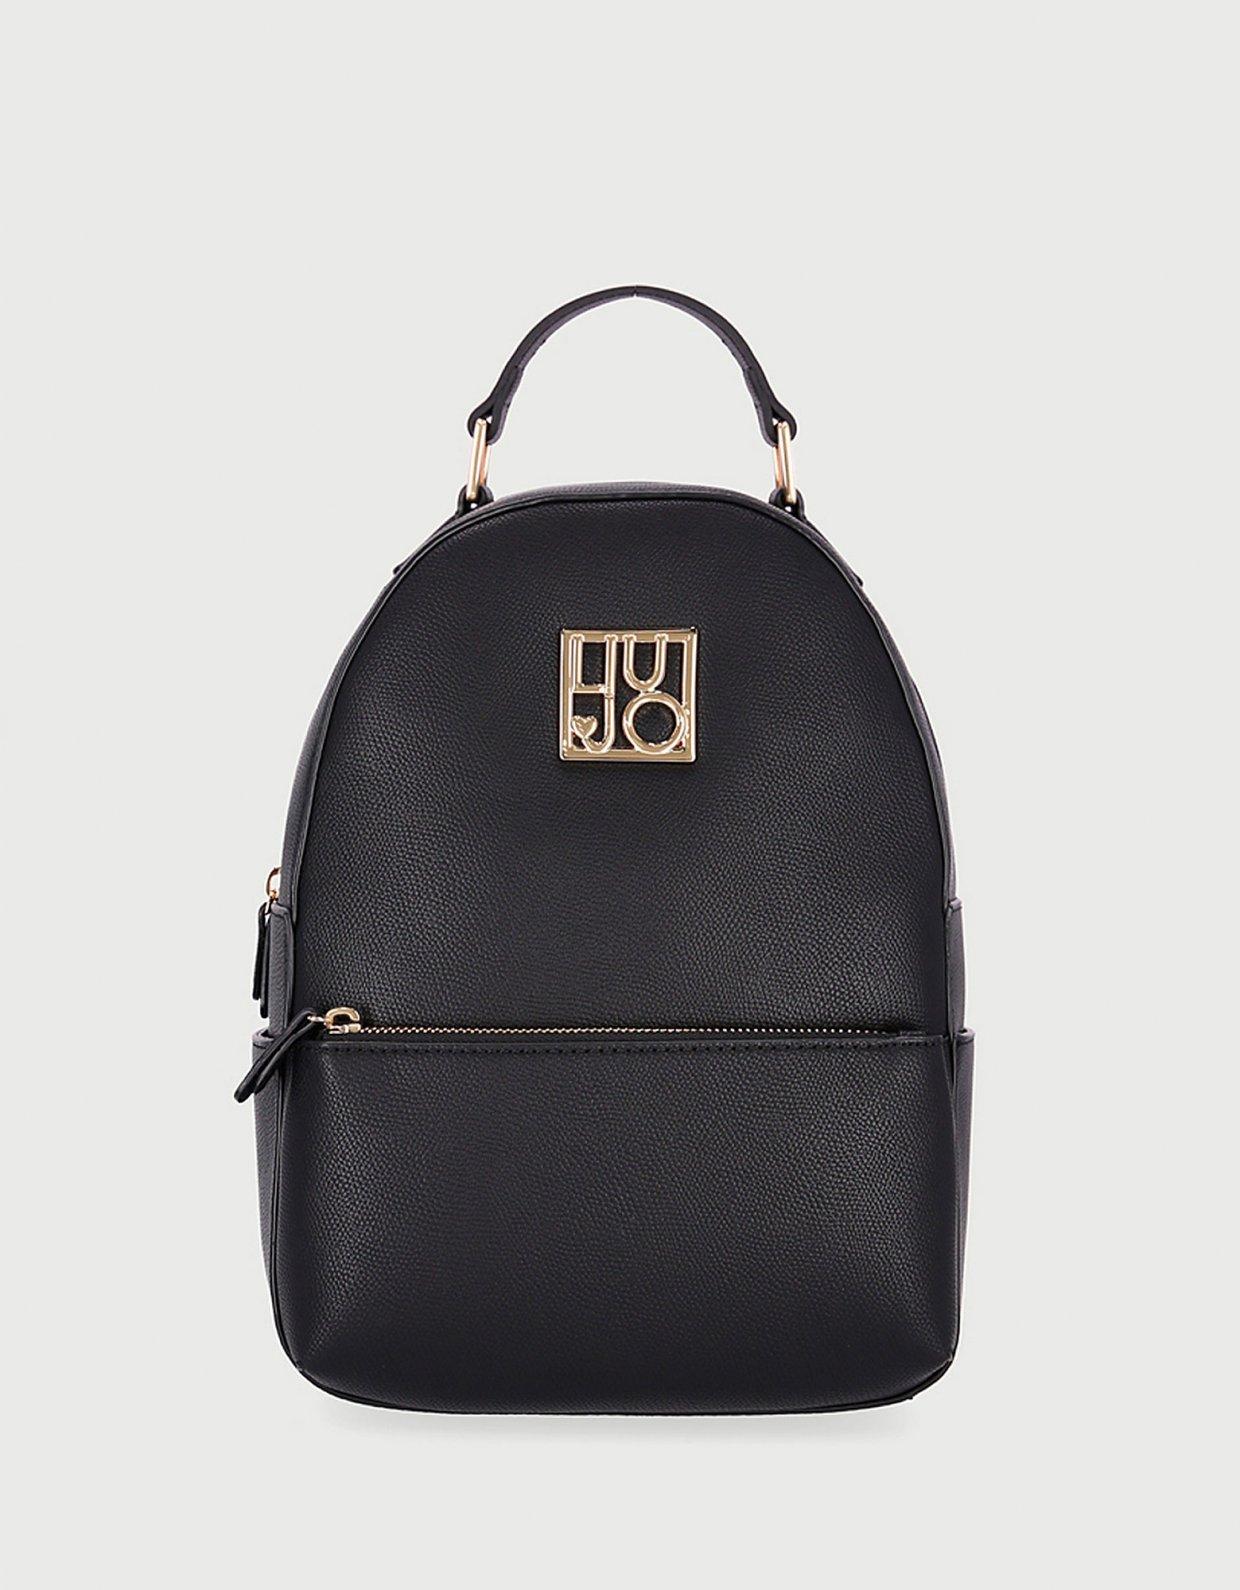 Liu Jo Eco-friendly backpack black